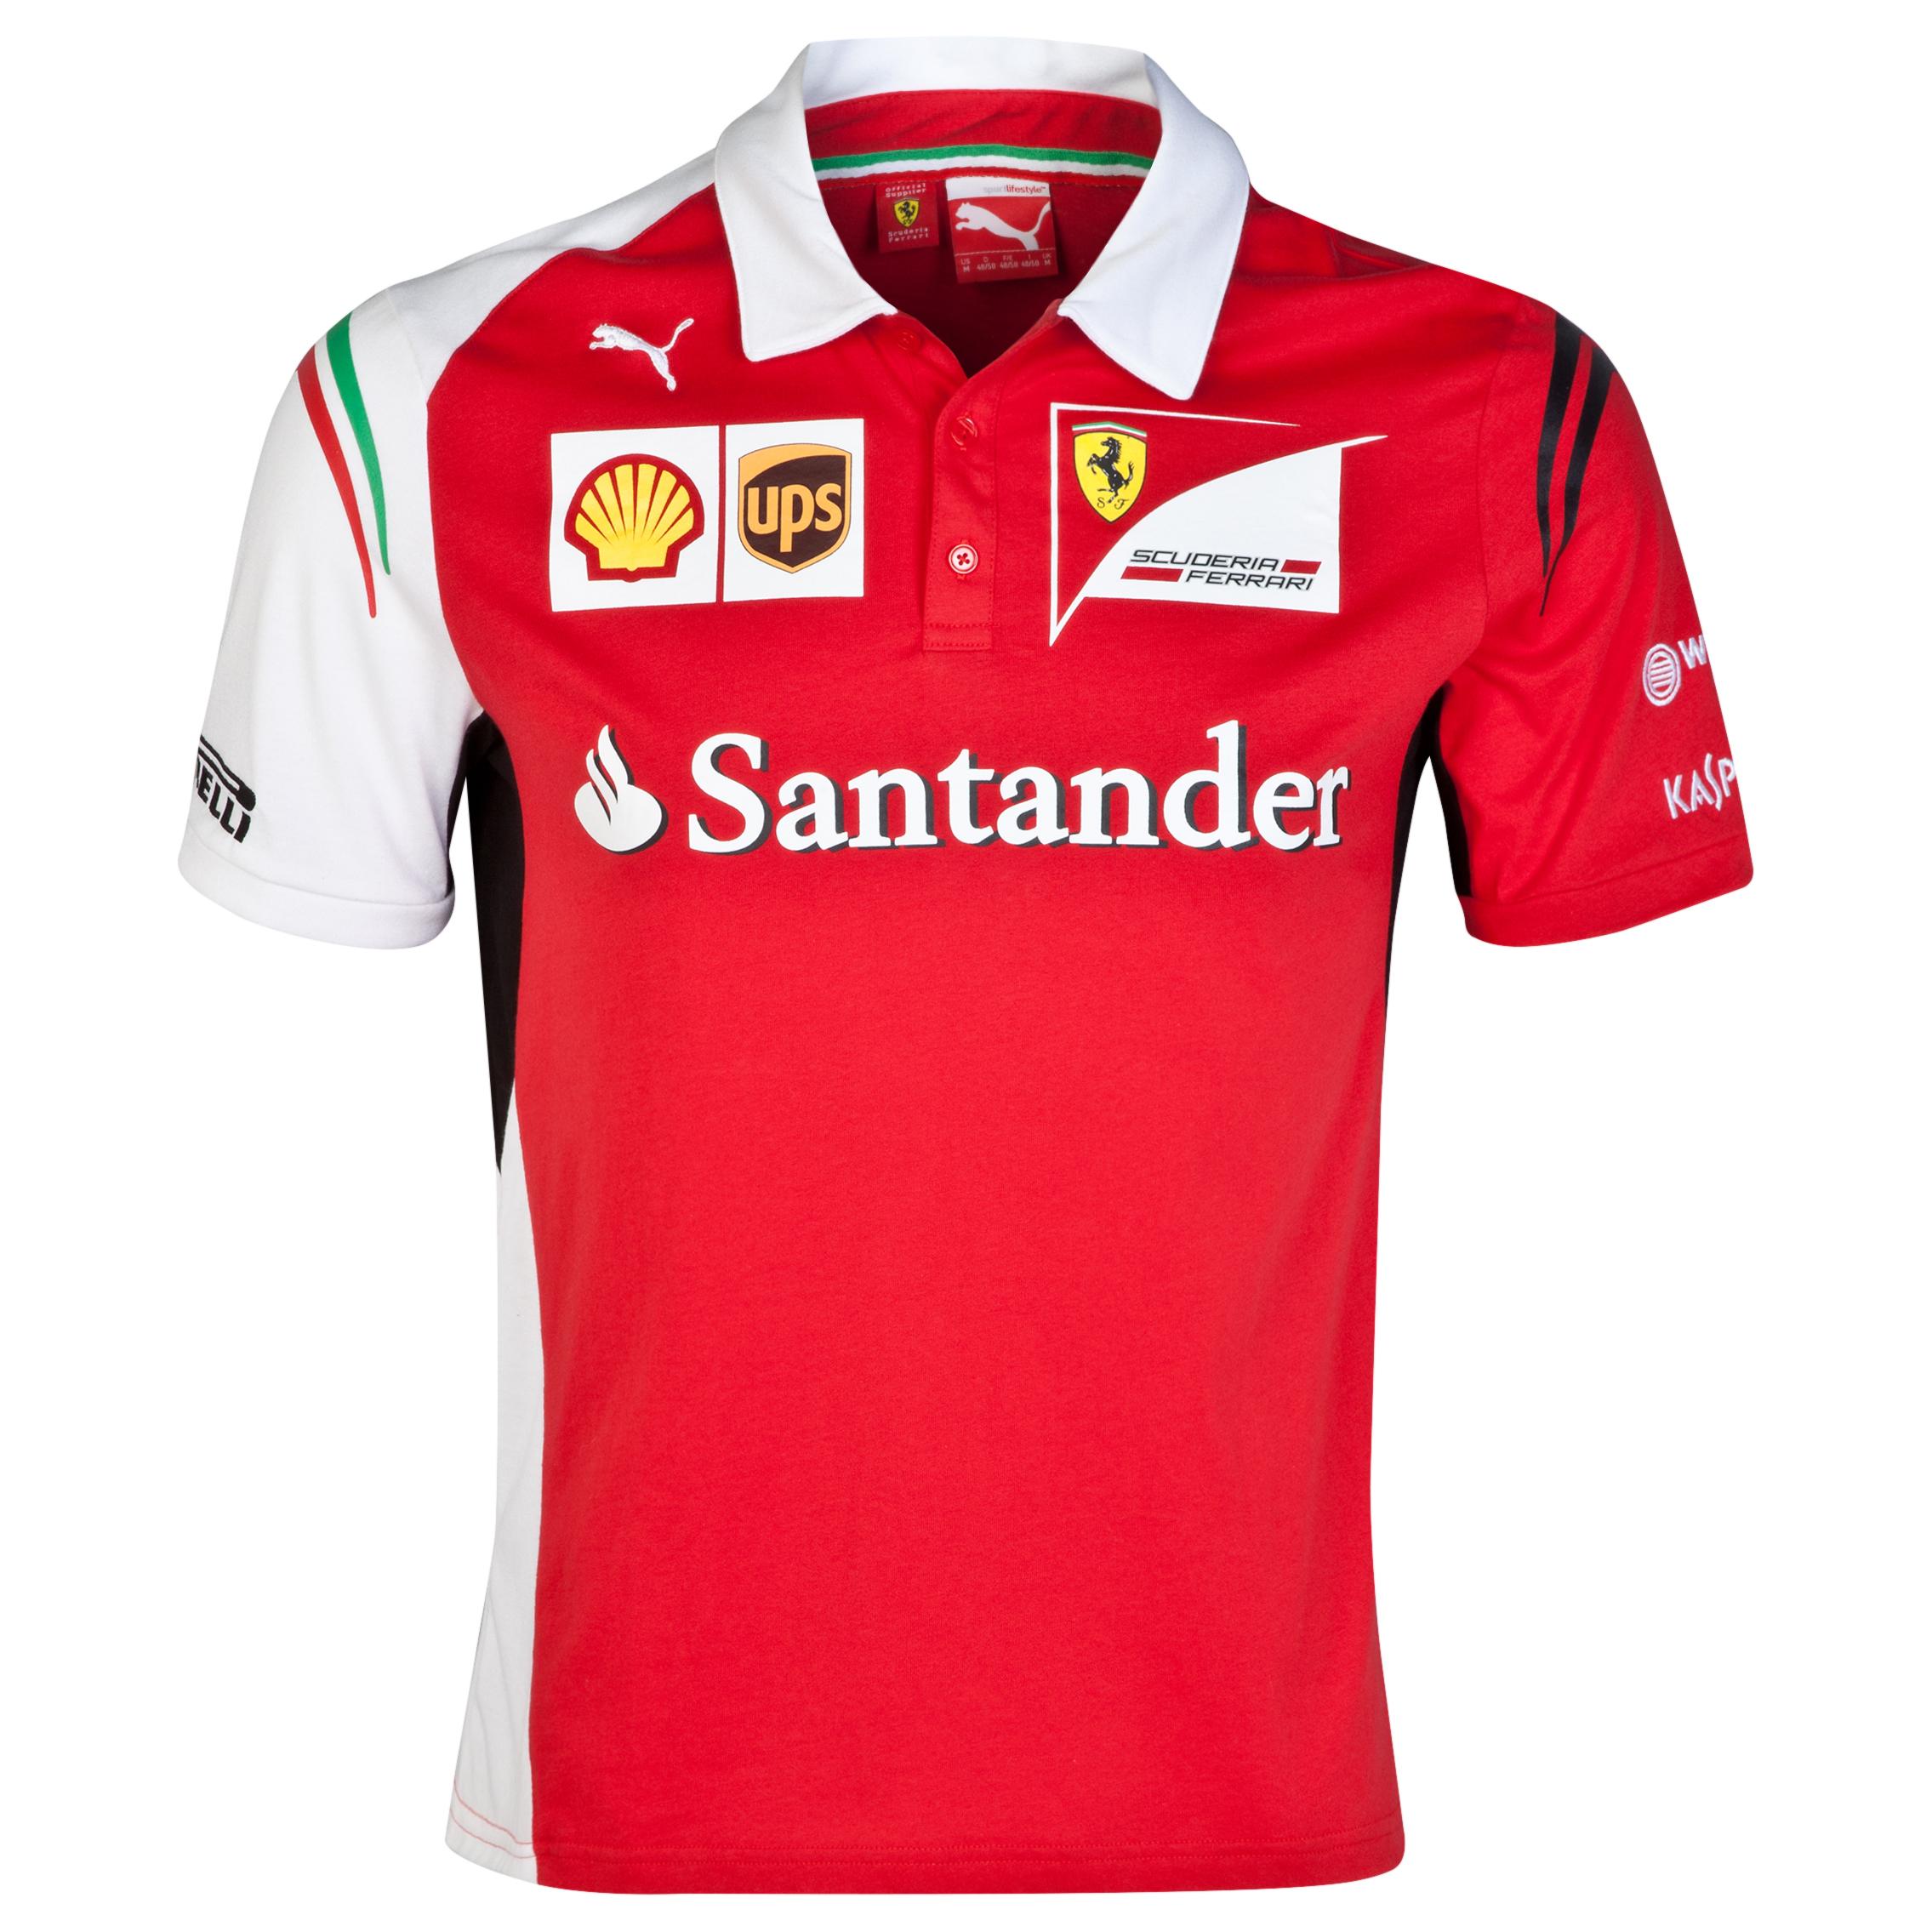 Scuderia Ferrari Team Polo Red